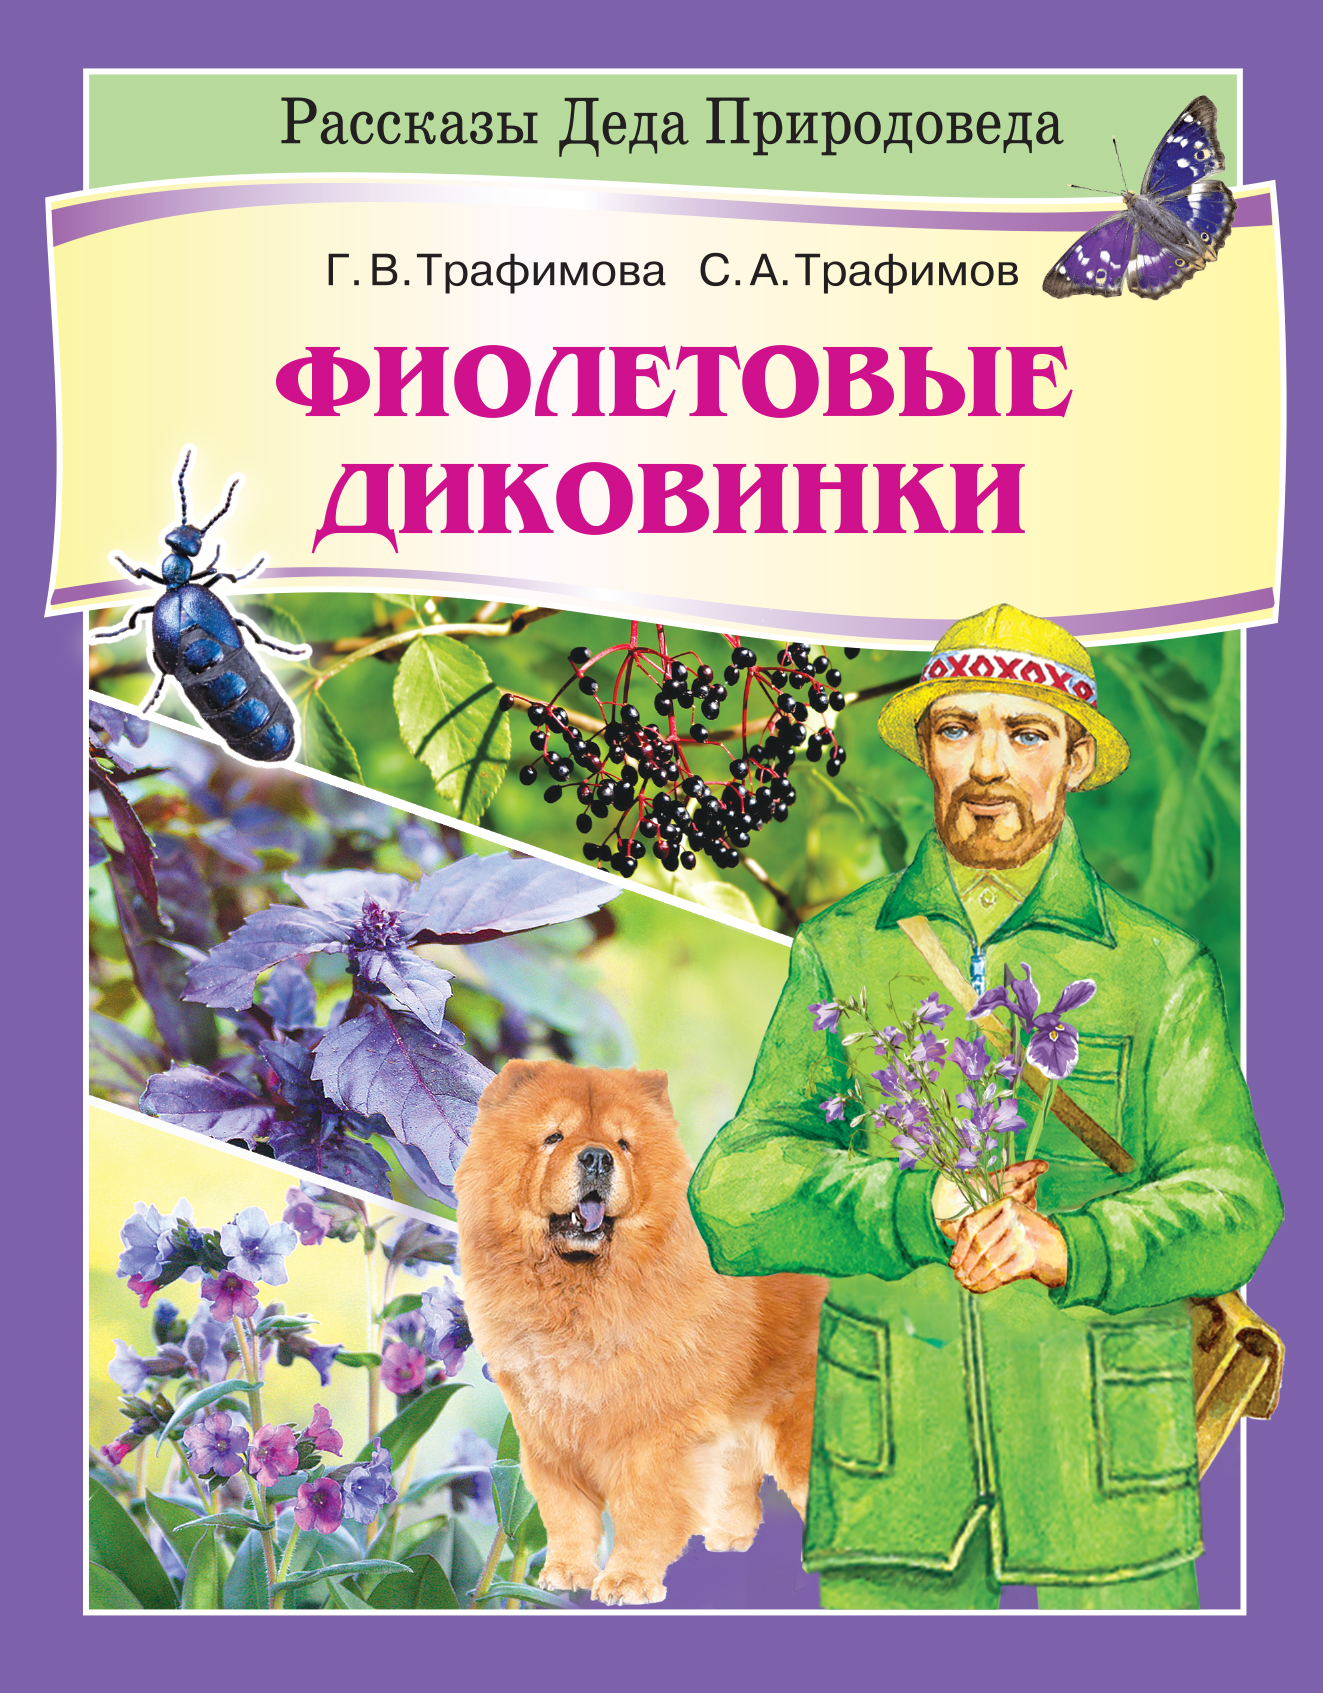 Фиолетовые диковинки